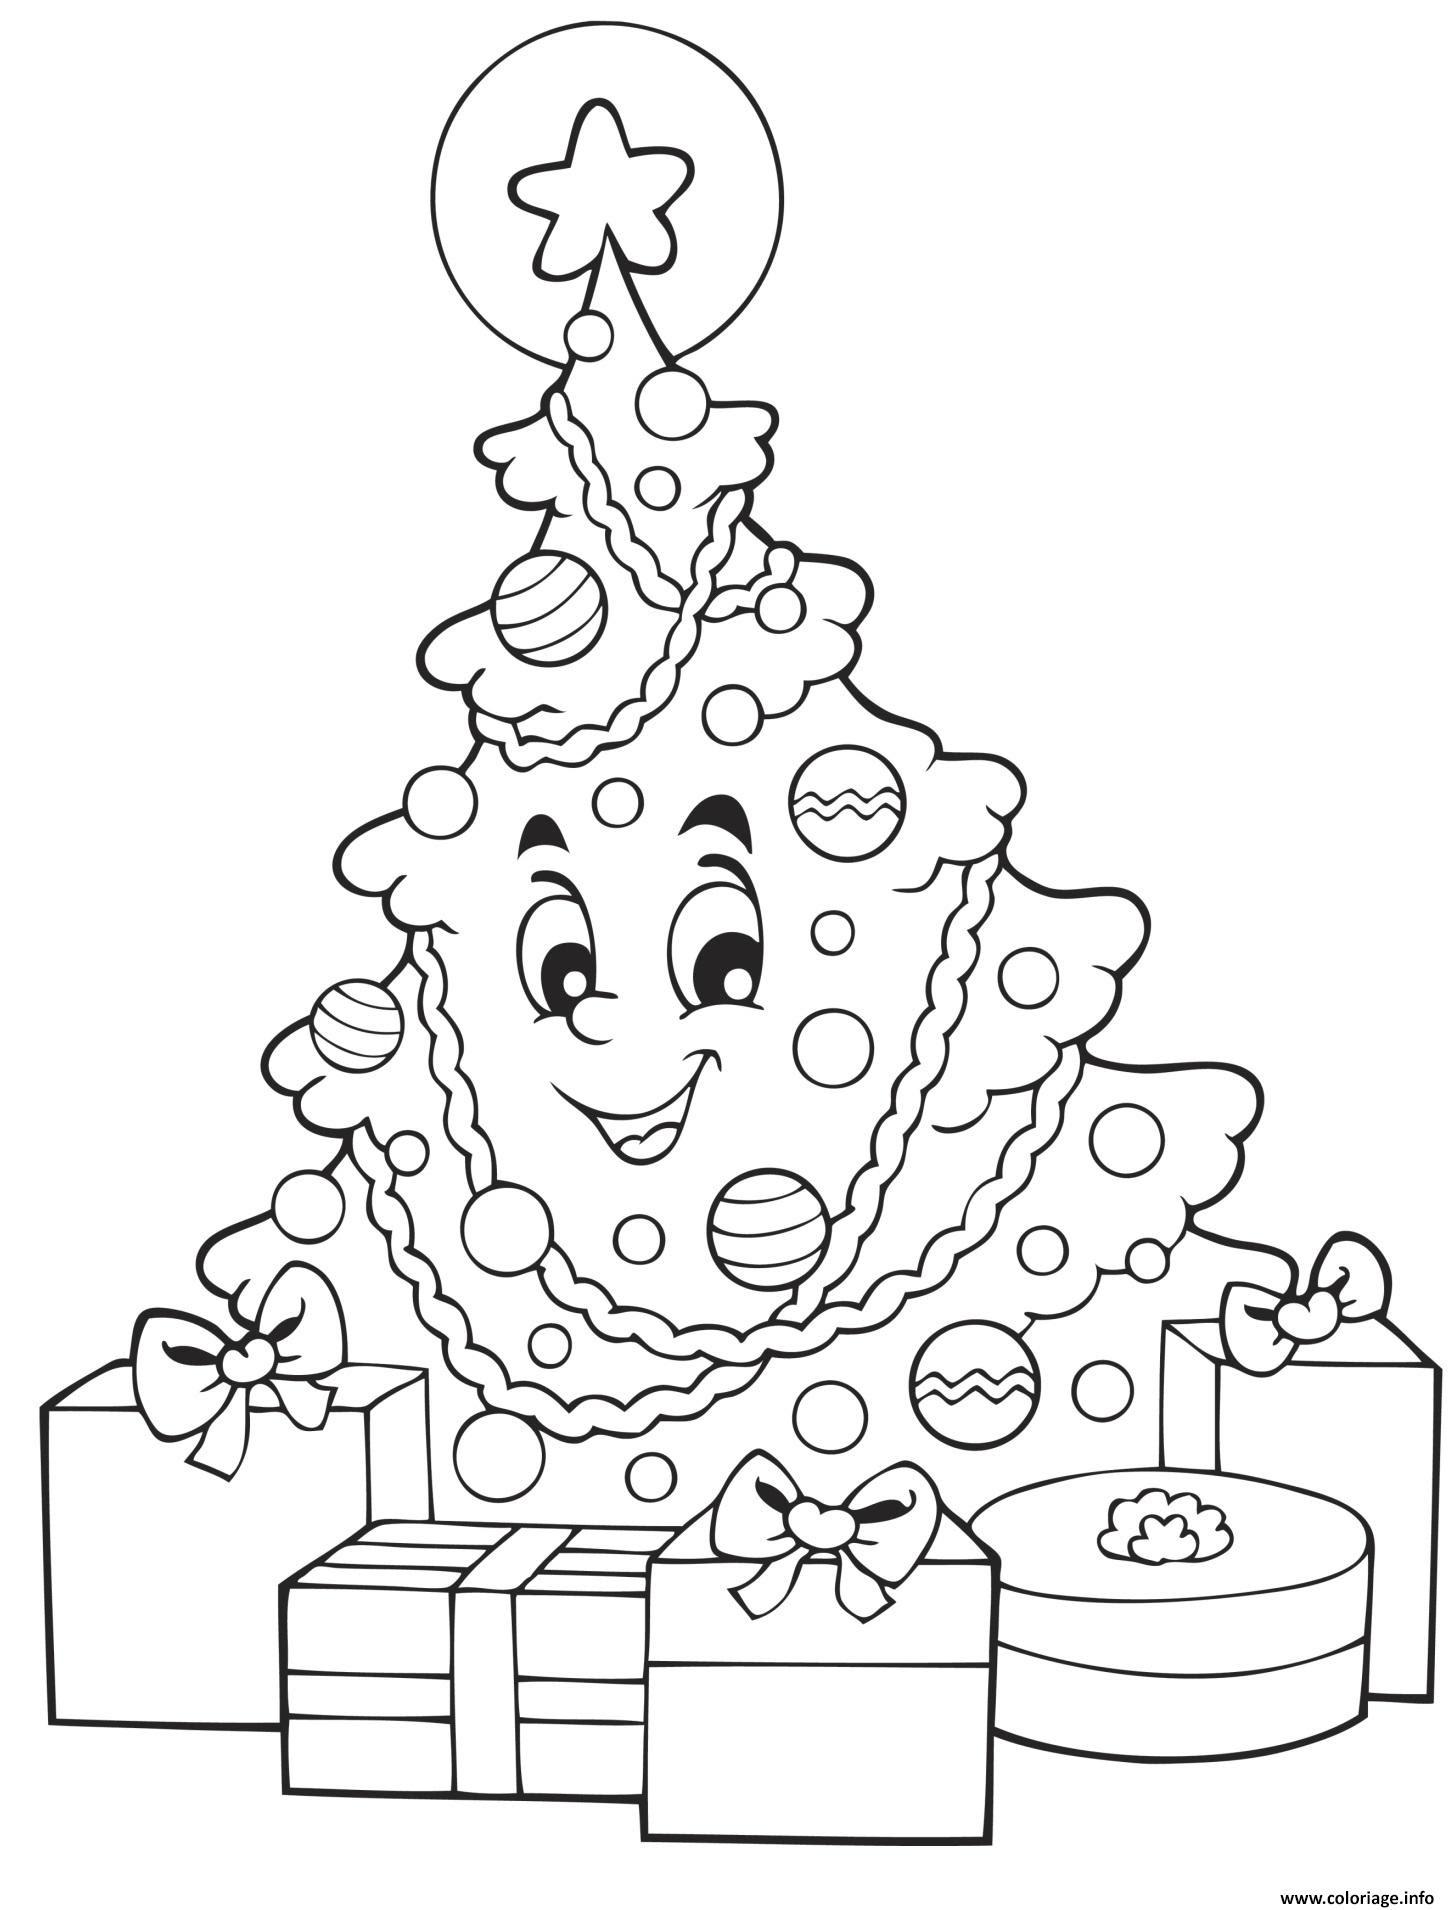 Coloriage Sapin De Noel Souriant Avec Des Cadeaux De Noel Dessin  Imprimer